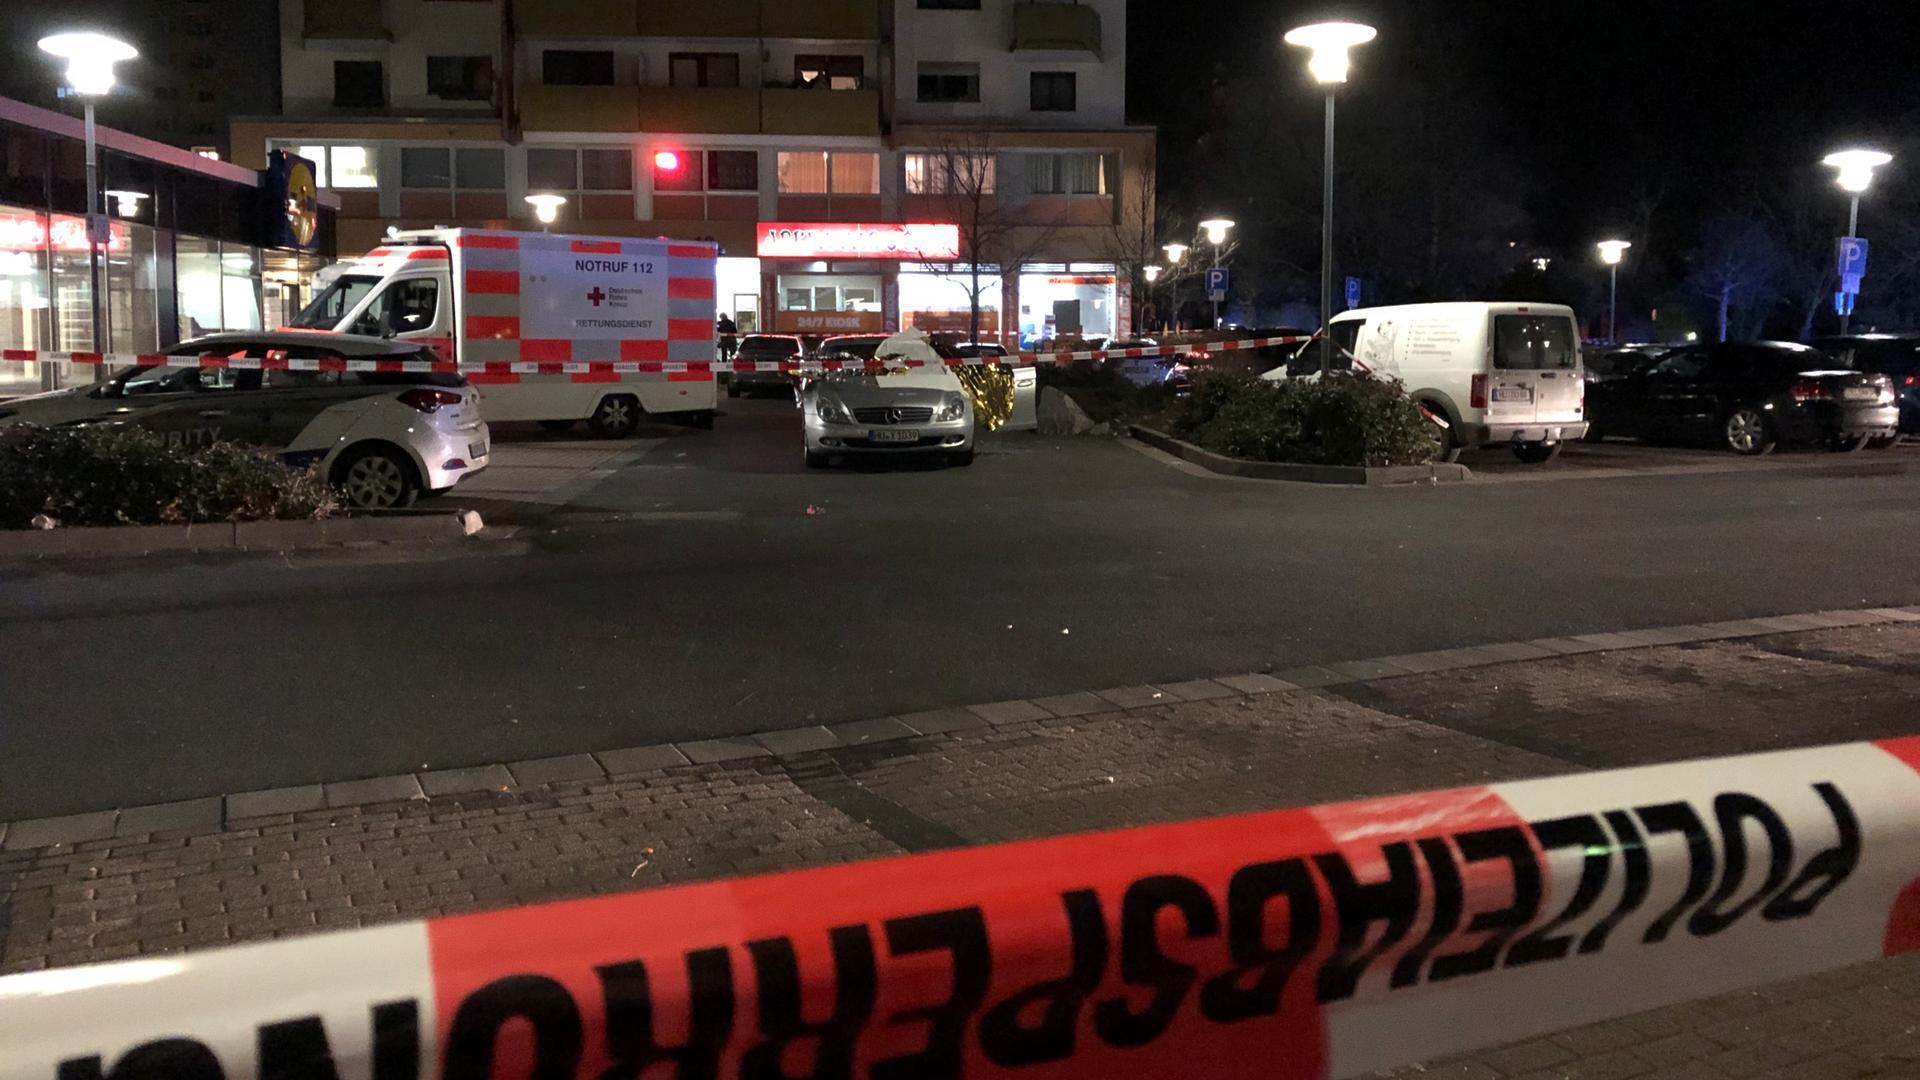 У Німеччині праворадикал розстріляв людей в барі, багато загиблих: всі подробиці